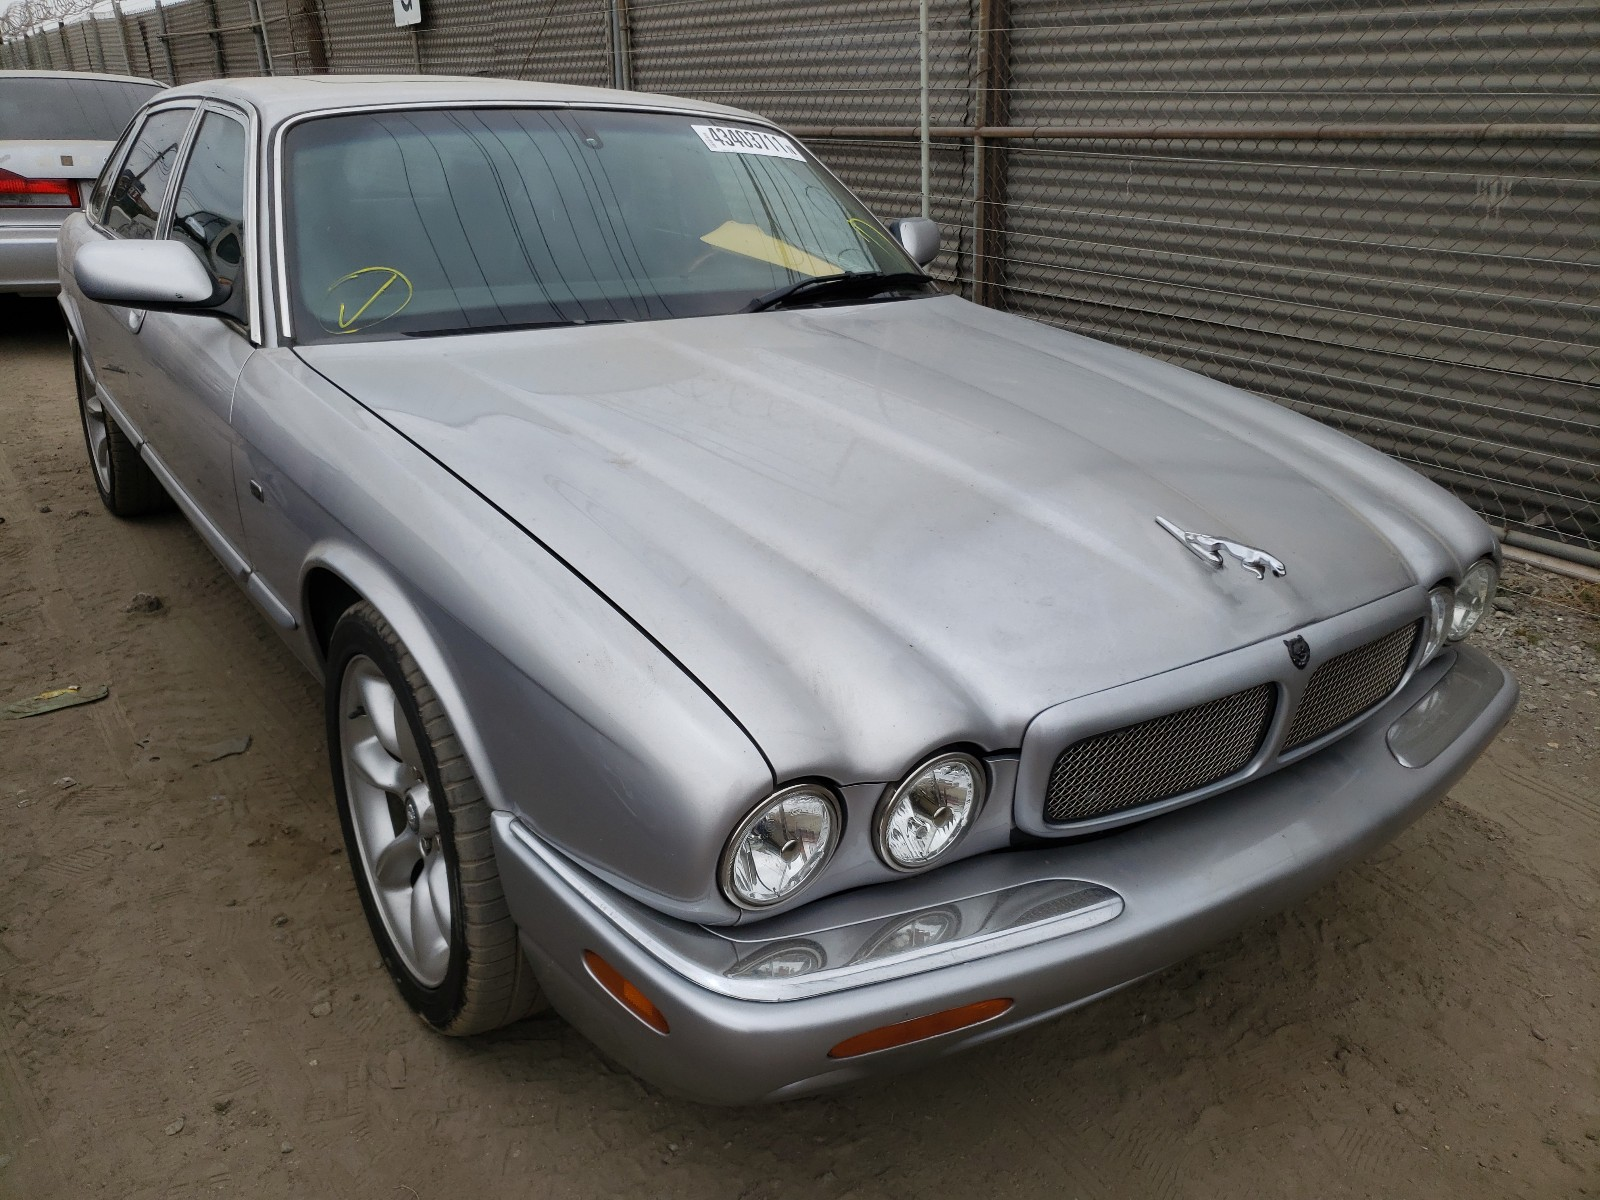 2002 JAGUAR XJR - SAJDA15BX2MF41636